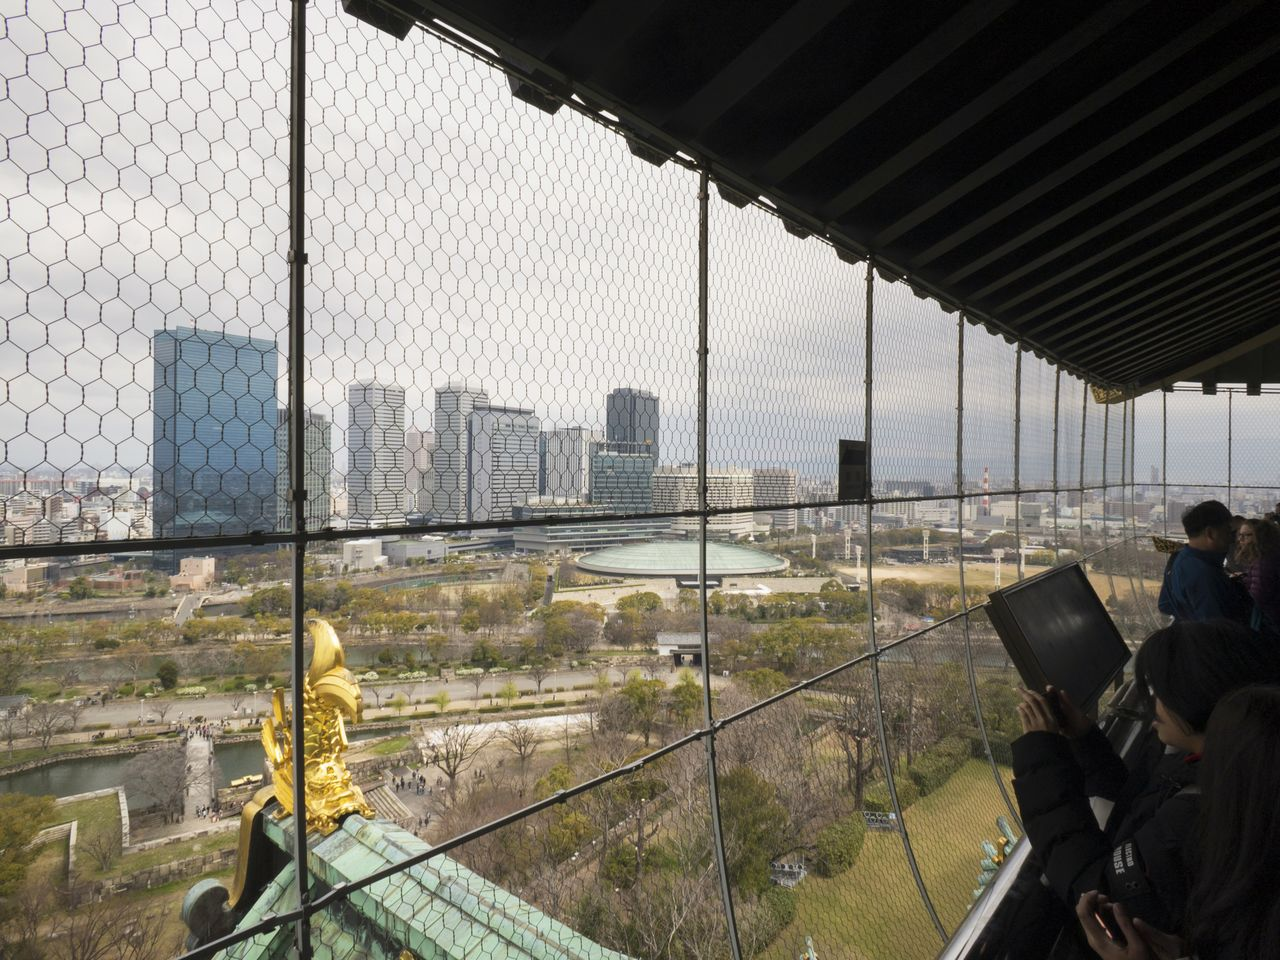 Восьмой этаж – это галерея, которая позволяет увидеть полную круговую панораму городских кварталов Осаки